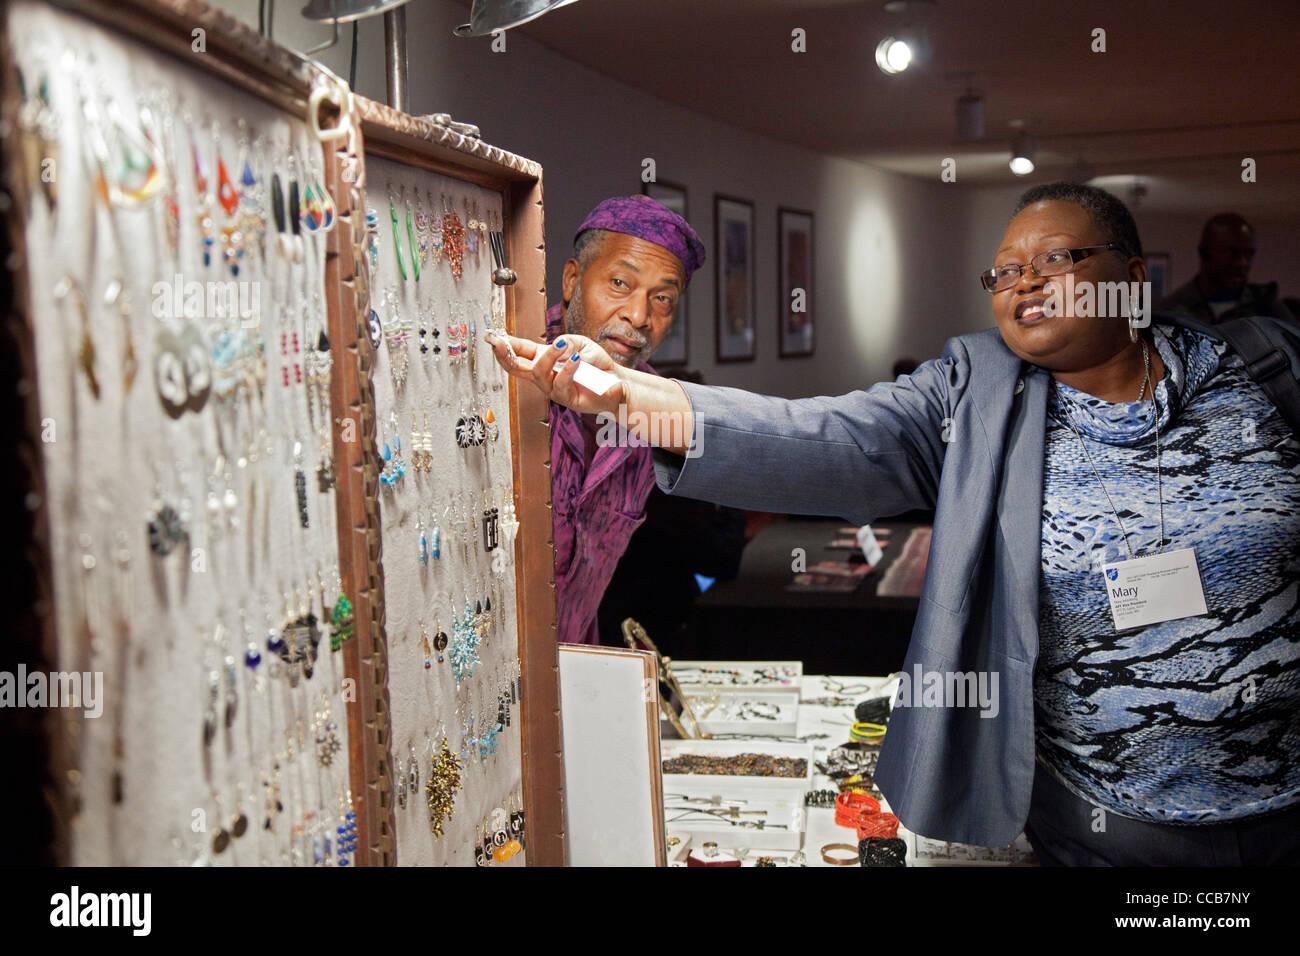 Vendeur vend des bijoux Photo Stock